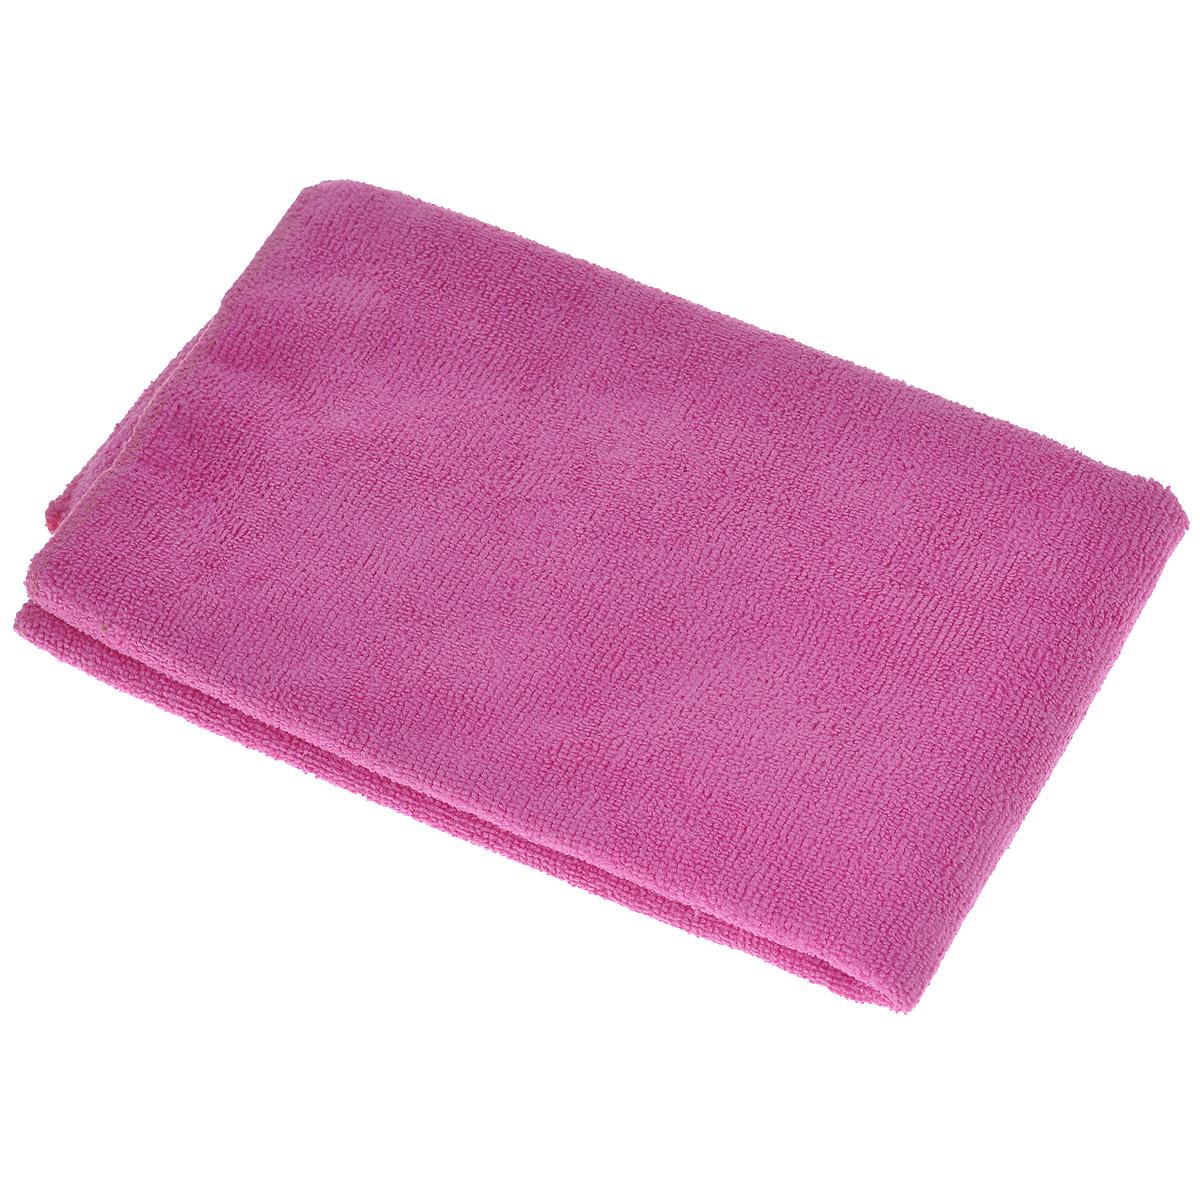 Тряпка для пола Eva, цвет: розовый, 50 см х 60 см234100Тряпка для пола Eva выполнена из микрофибры (полиэстера и полиамида). Благодаря микроструктуре волокон она проникает в поры материалов, а поэтому может удалять загрязнения без применения химических средств. Тряпка удерживает влагу, не оставляет разводов и ворса.